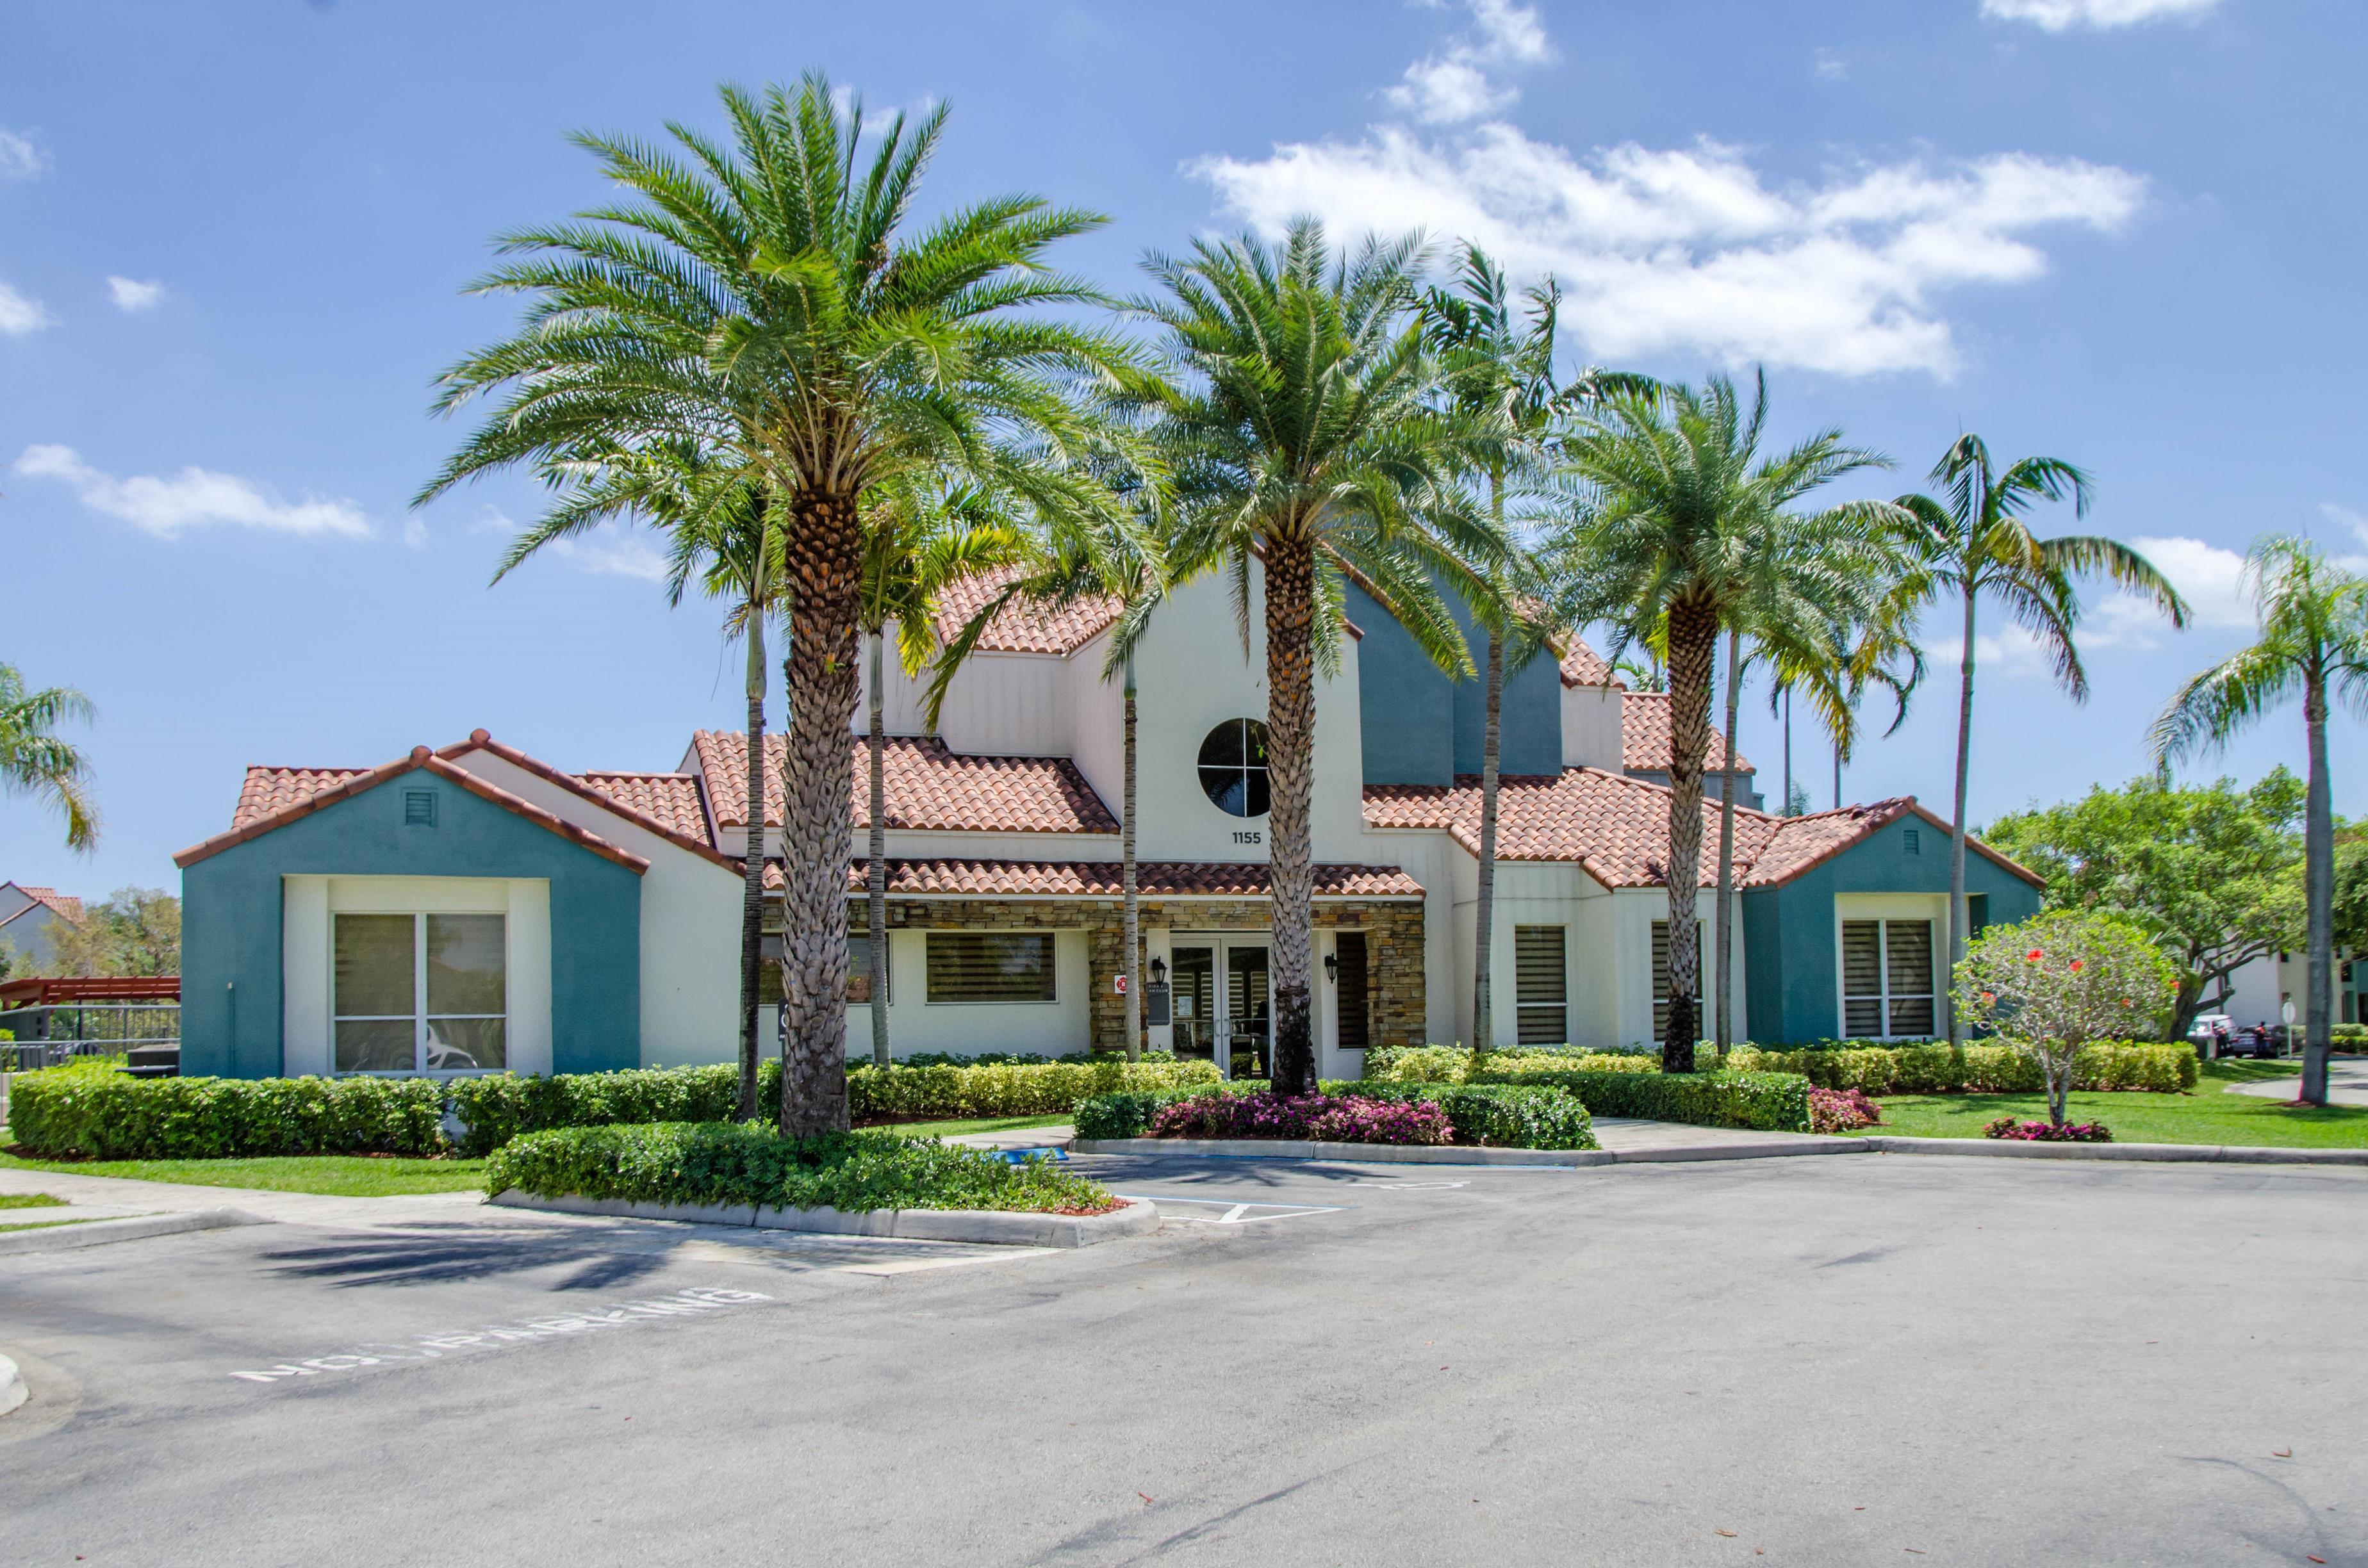 Sheridan Ocean Club Apartments